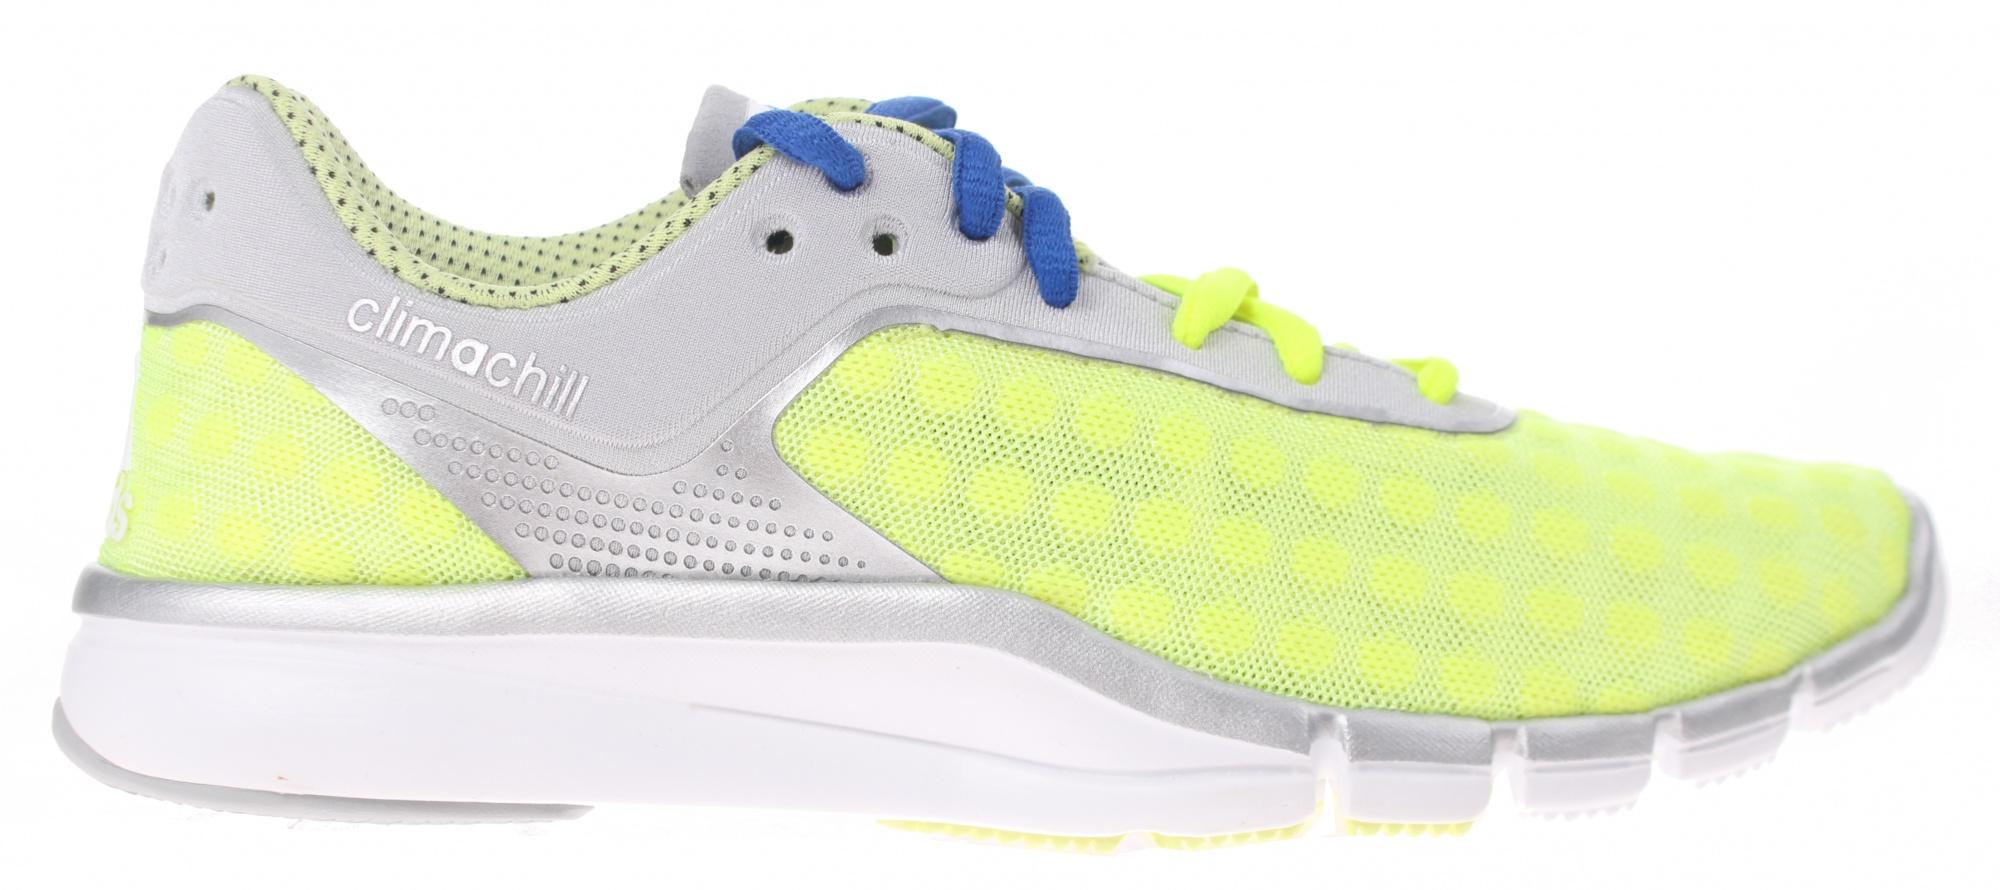 Damenschuhe Internet Schuhe Gelbe Adidas 2 Fitness